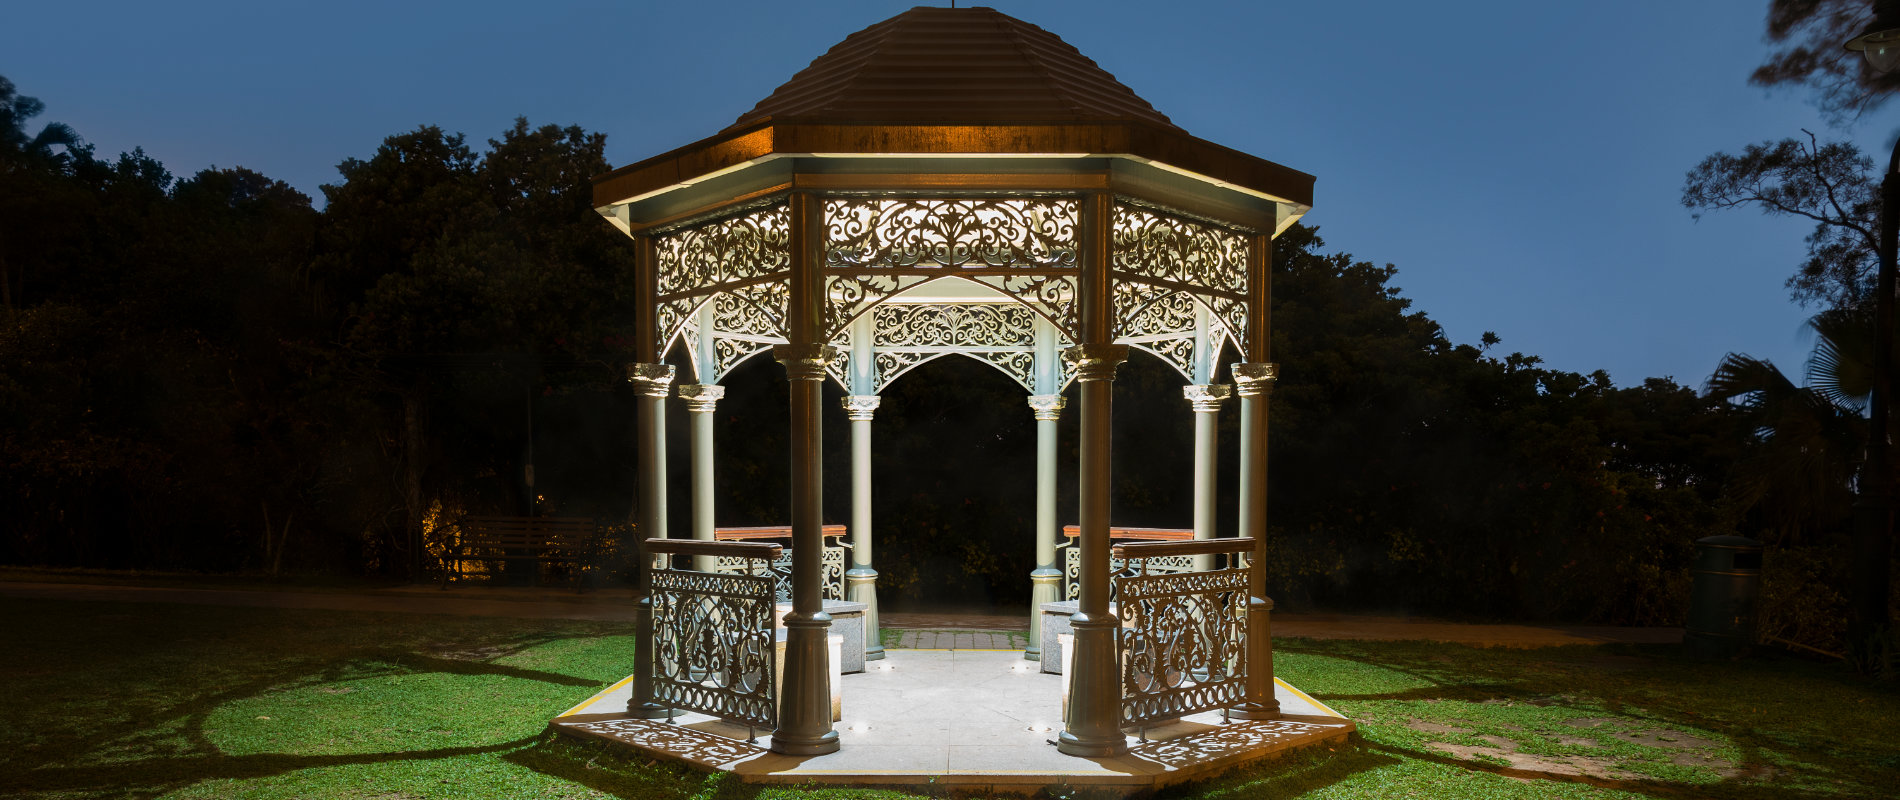 illuminating Features & Structures